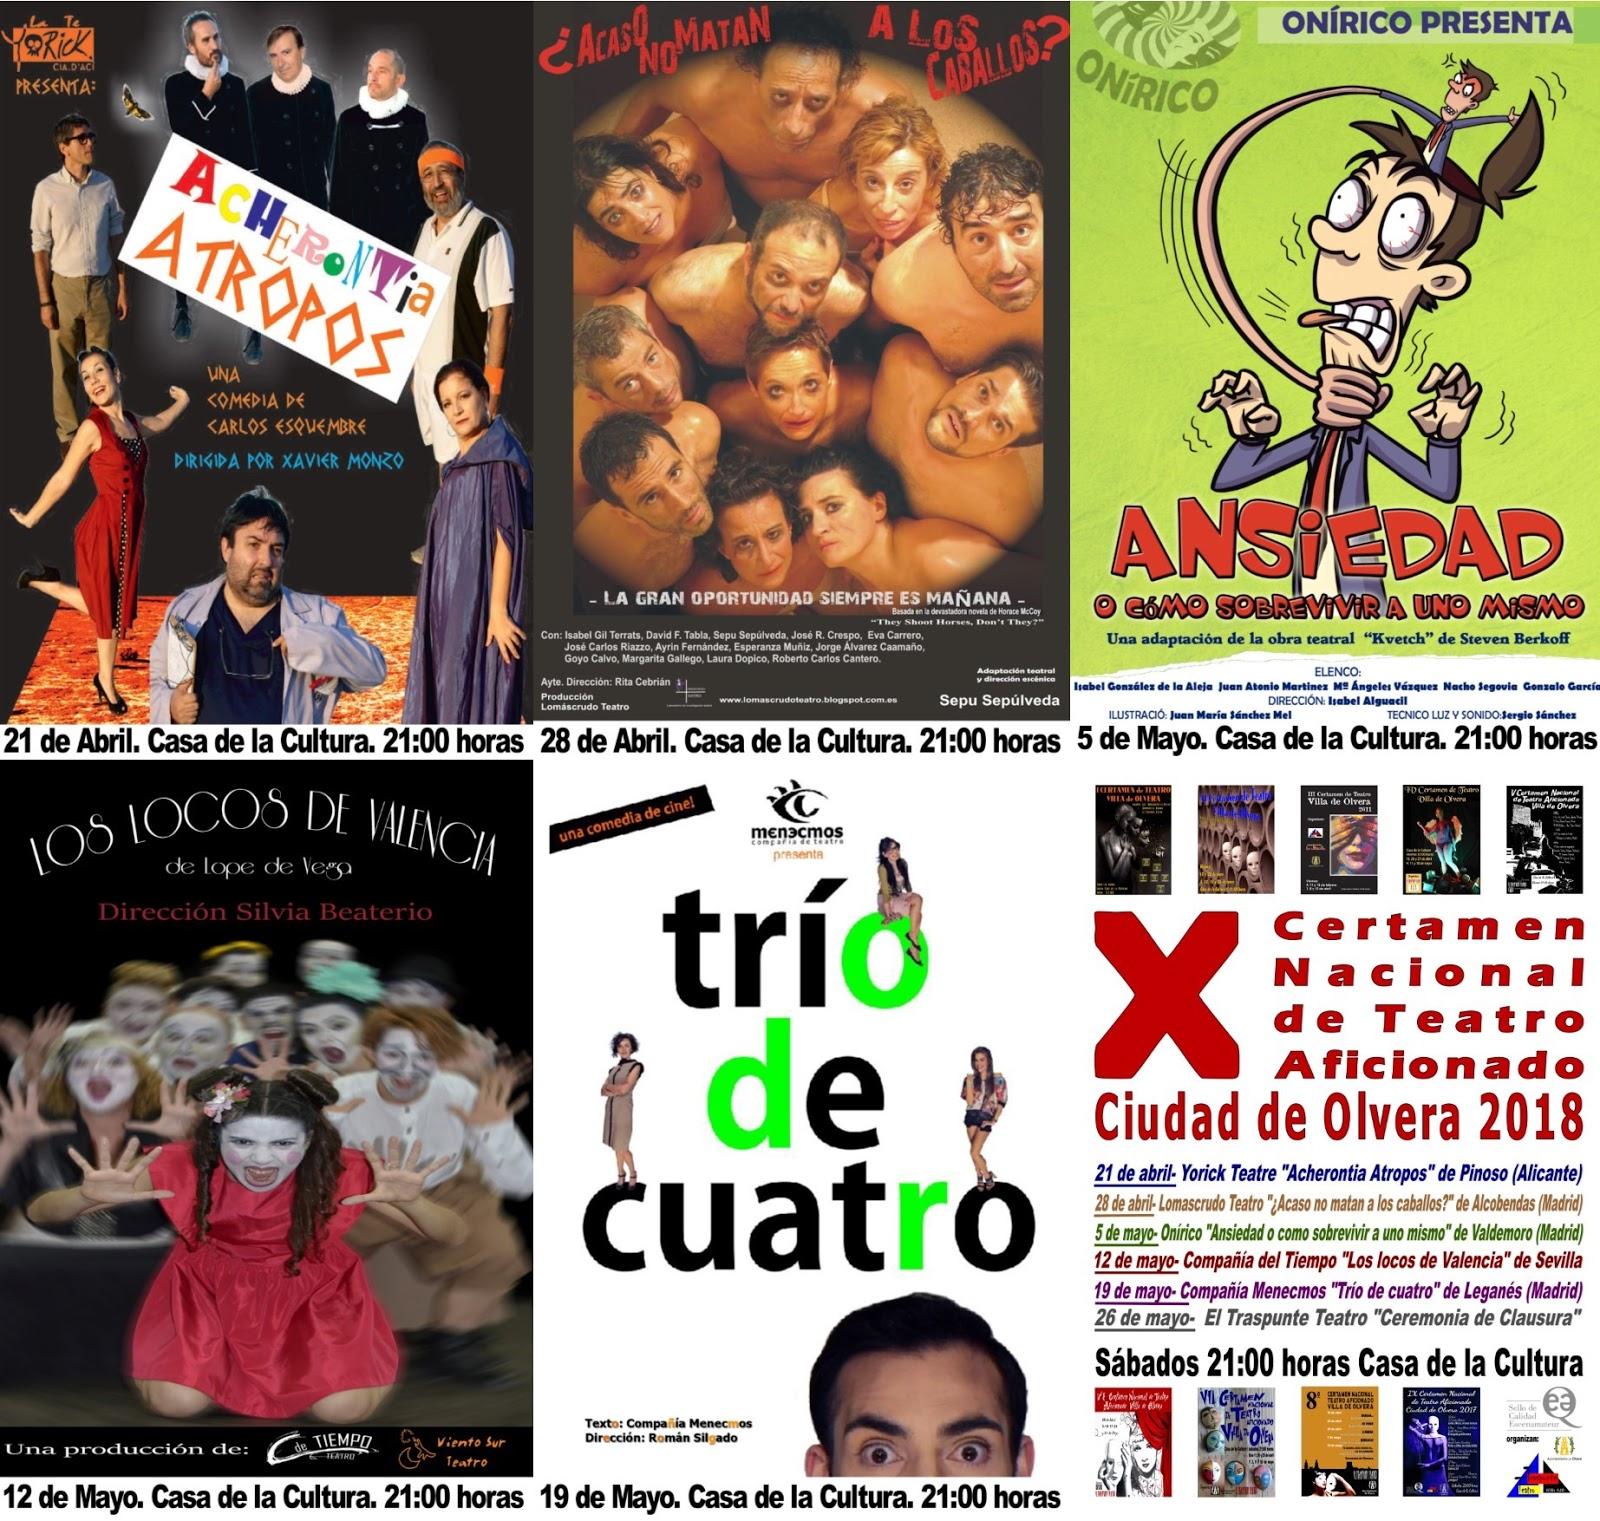 X Certamen Nacional de Teatro Aficionado Ciudad de Olvera 2018